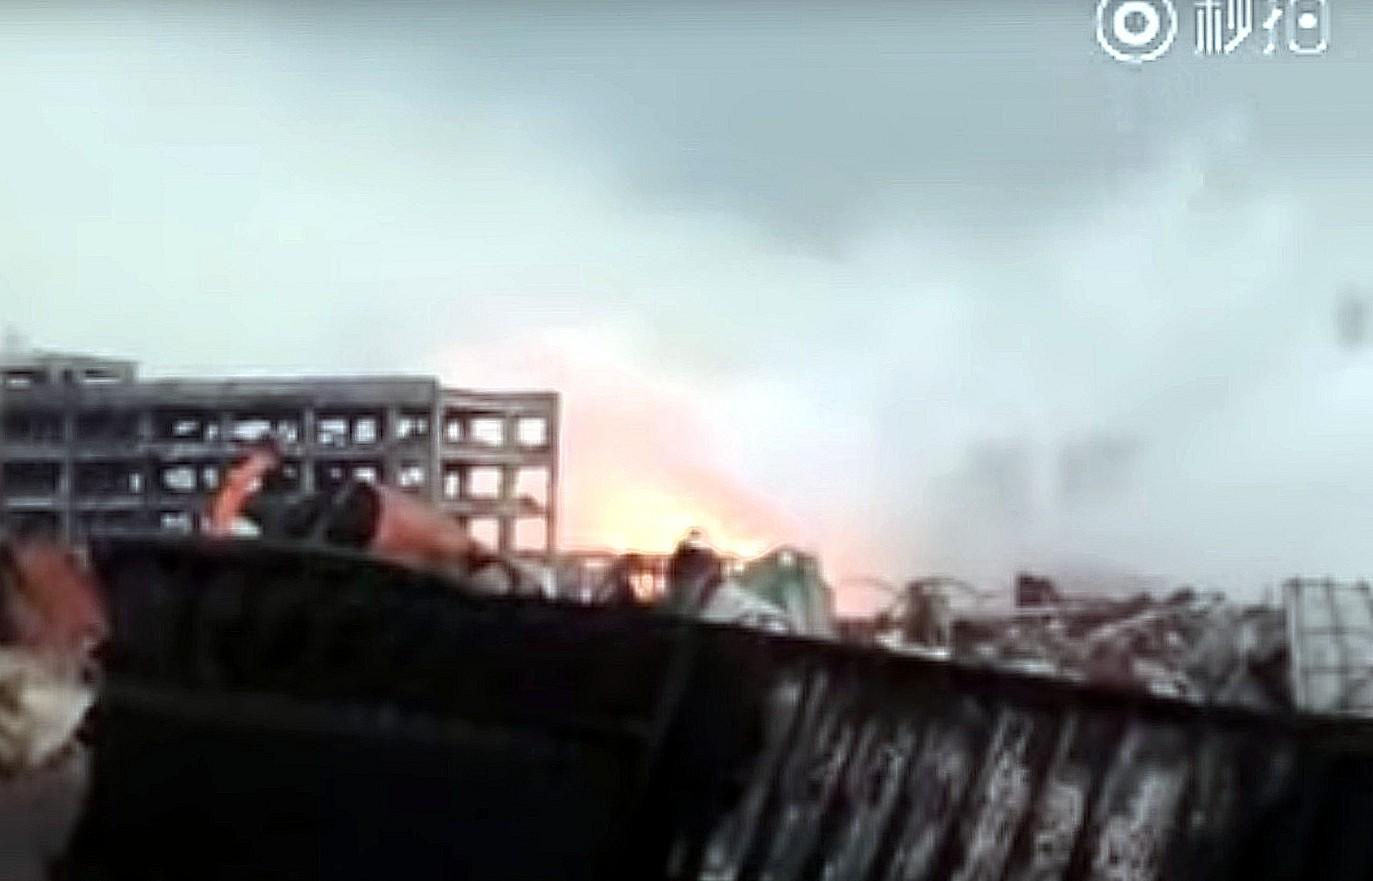 Tianjin-Inferno: Neue Explosion erschüttert Unglücksort – VIDEO